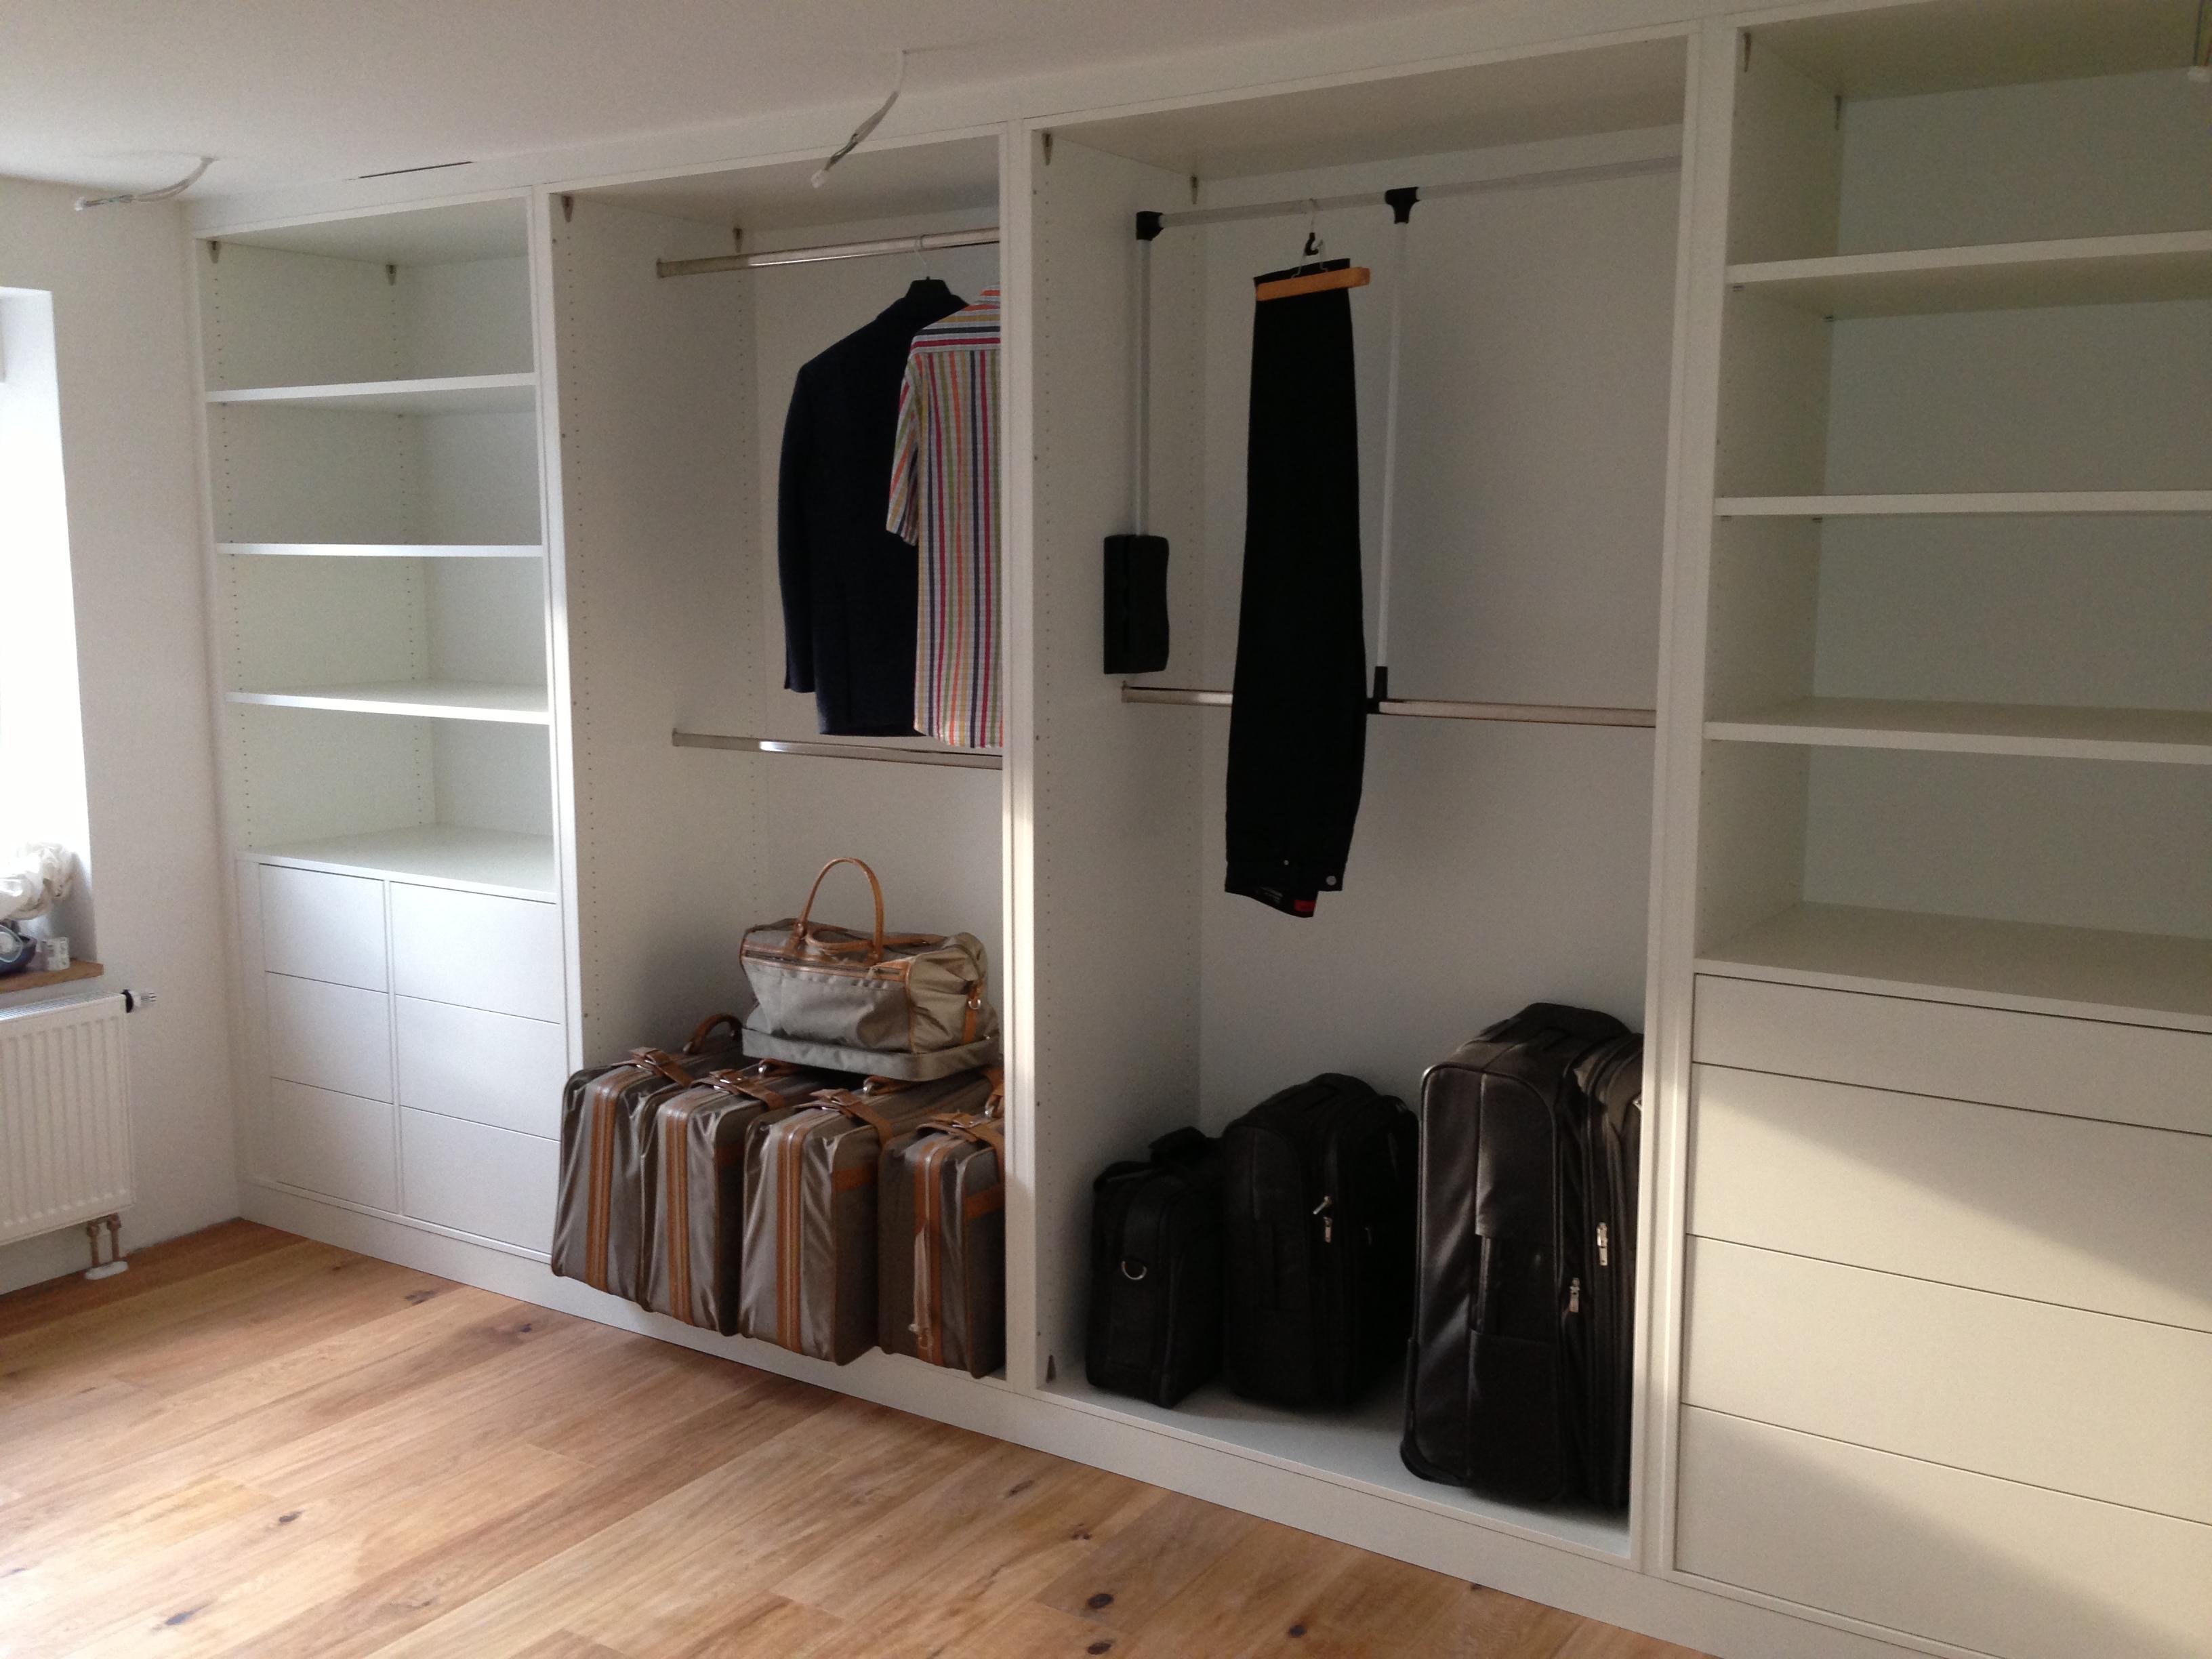 Kleiderschränke | Tischlerei Kramer